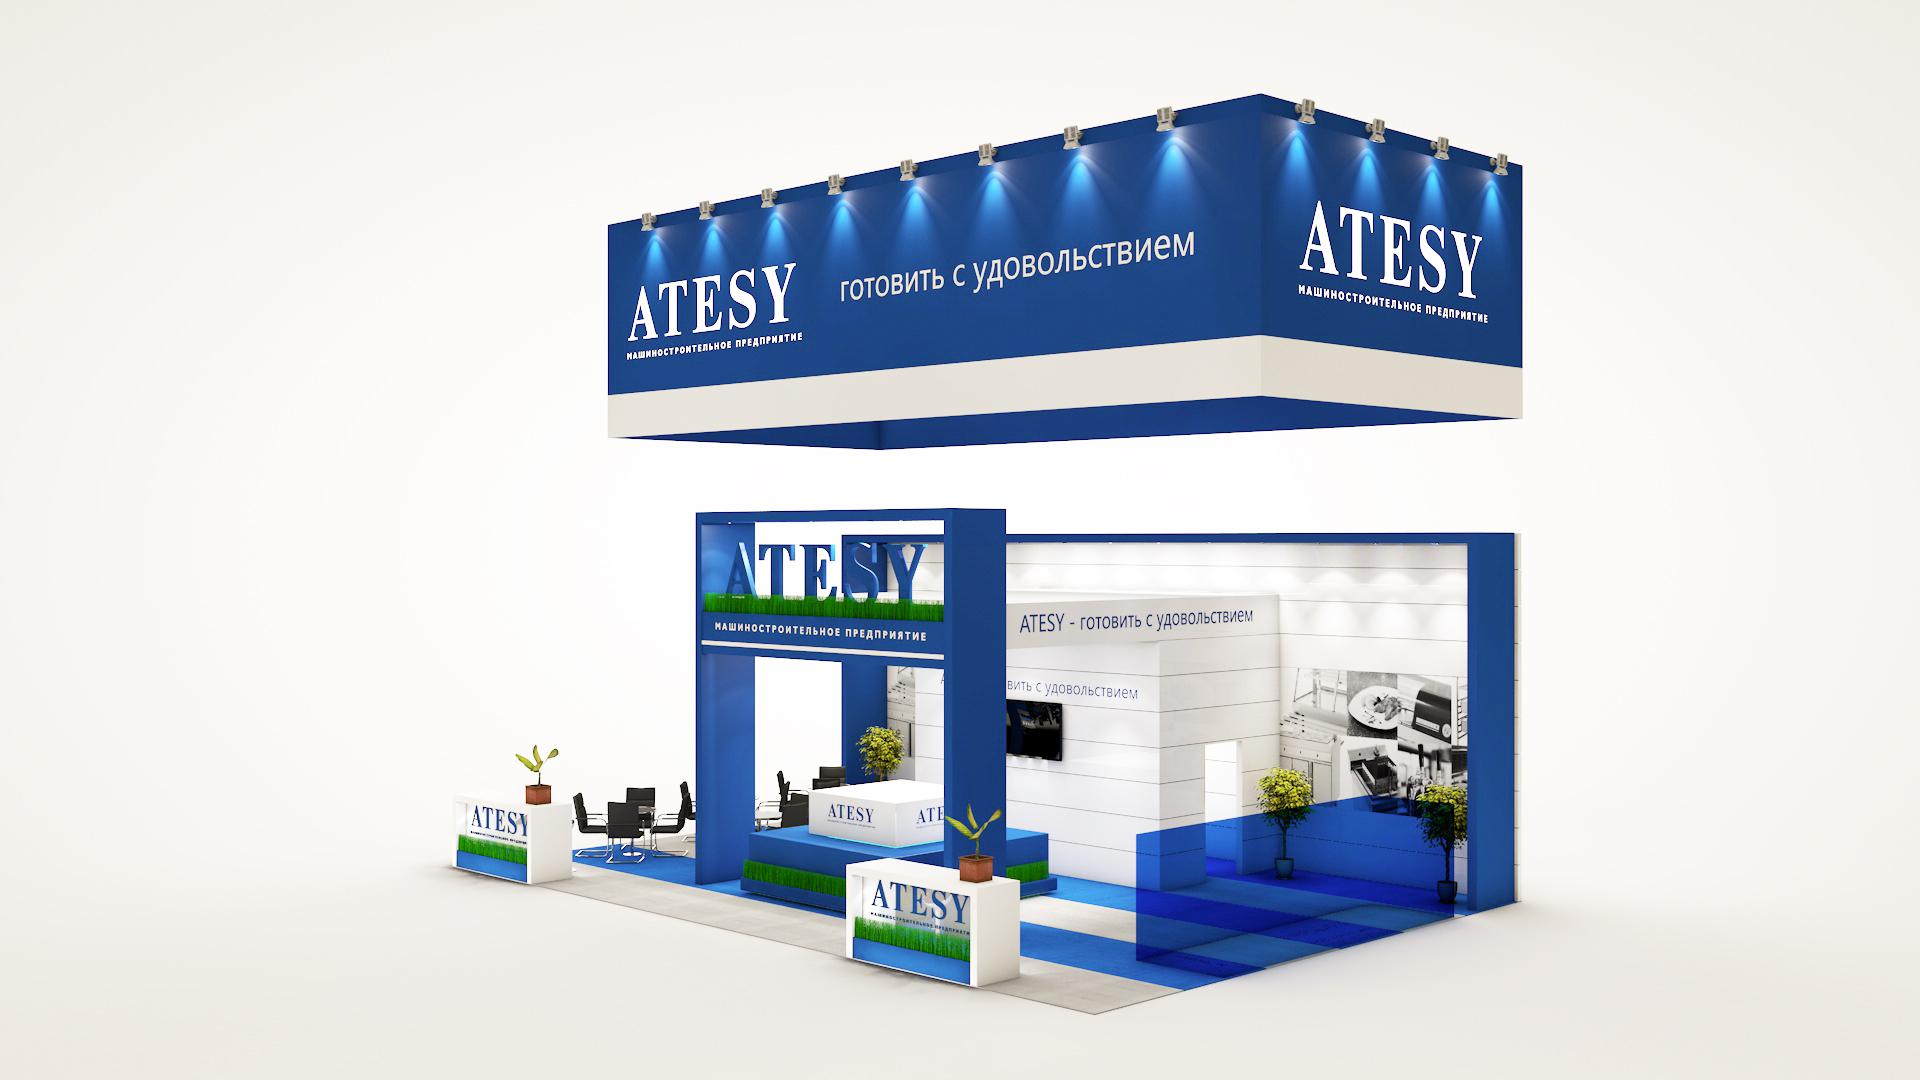 Выставочный стенд компании ATESY